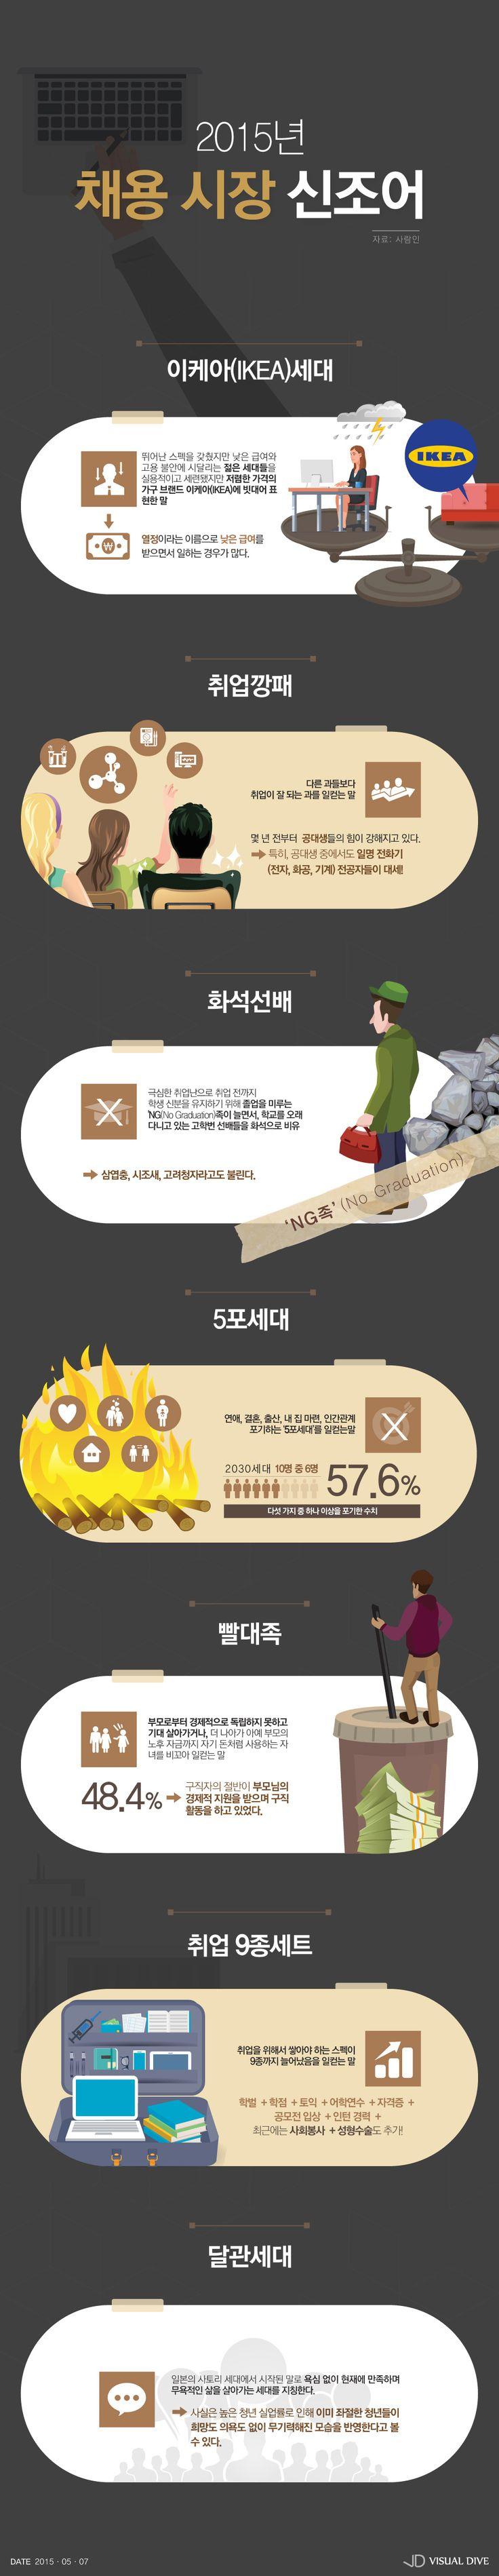 '이케아 세대·취업깡패·빨대족'…씁쓸한 2015 채용시장 신조어 [인포그래픽] #recruit / #Infographic ⓒ 비주얼다이브 무단 복사·전재·재배포